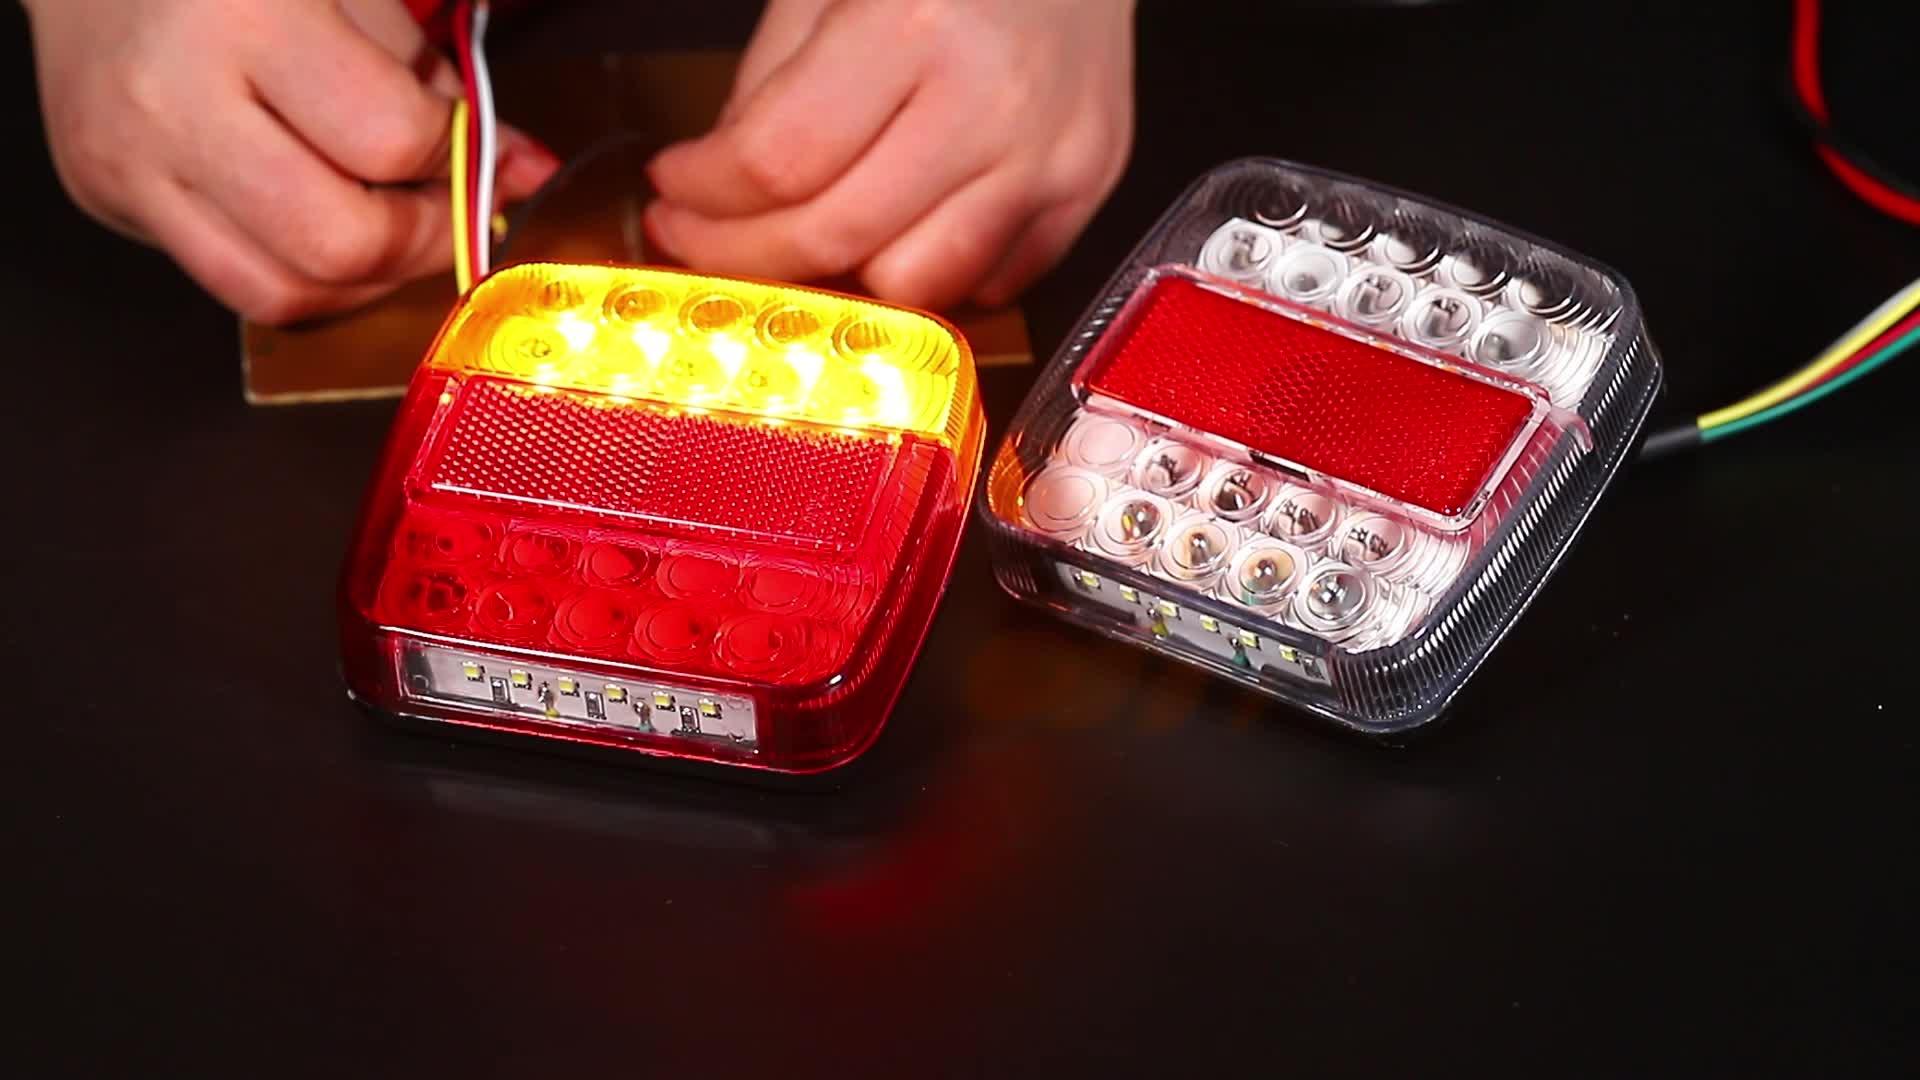 Uygun fiyat en kaliteli led ok kamyon römork ışık 12v led far ışık kiti